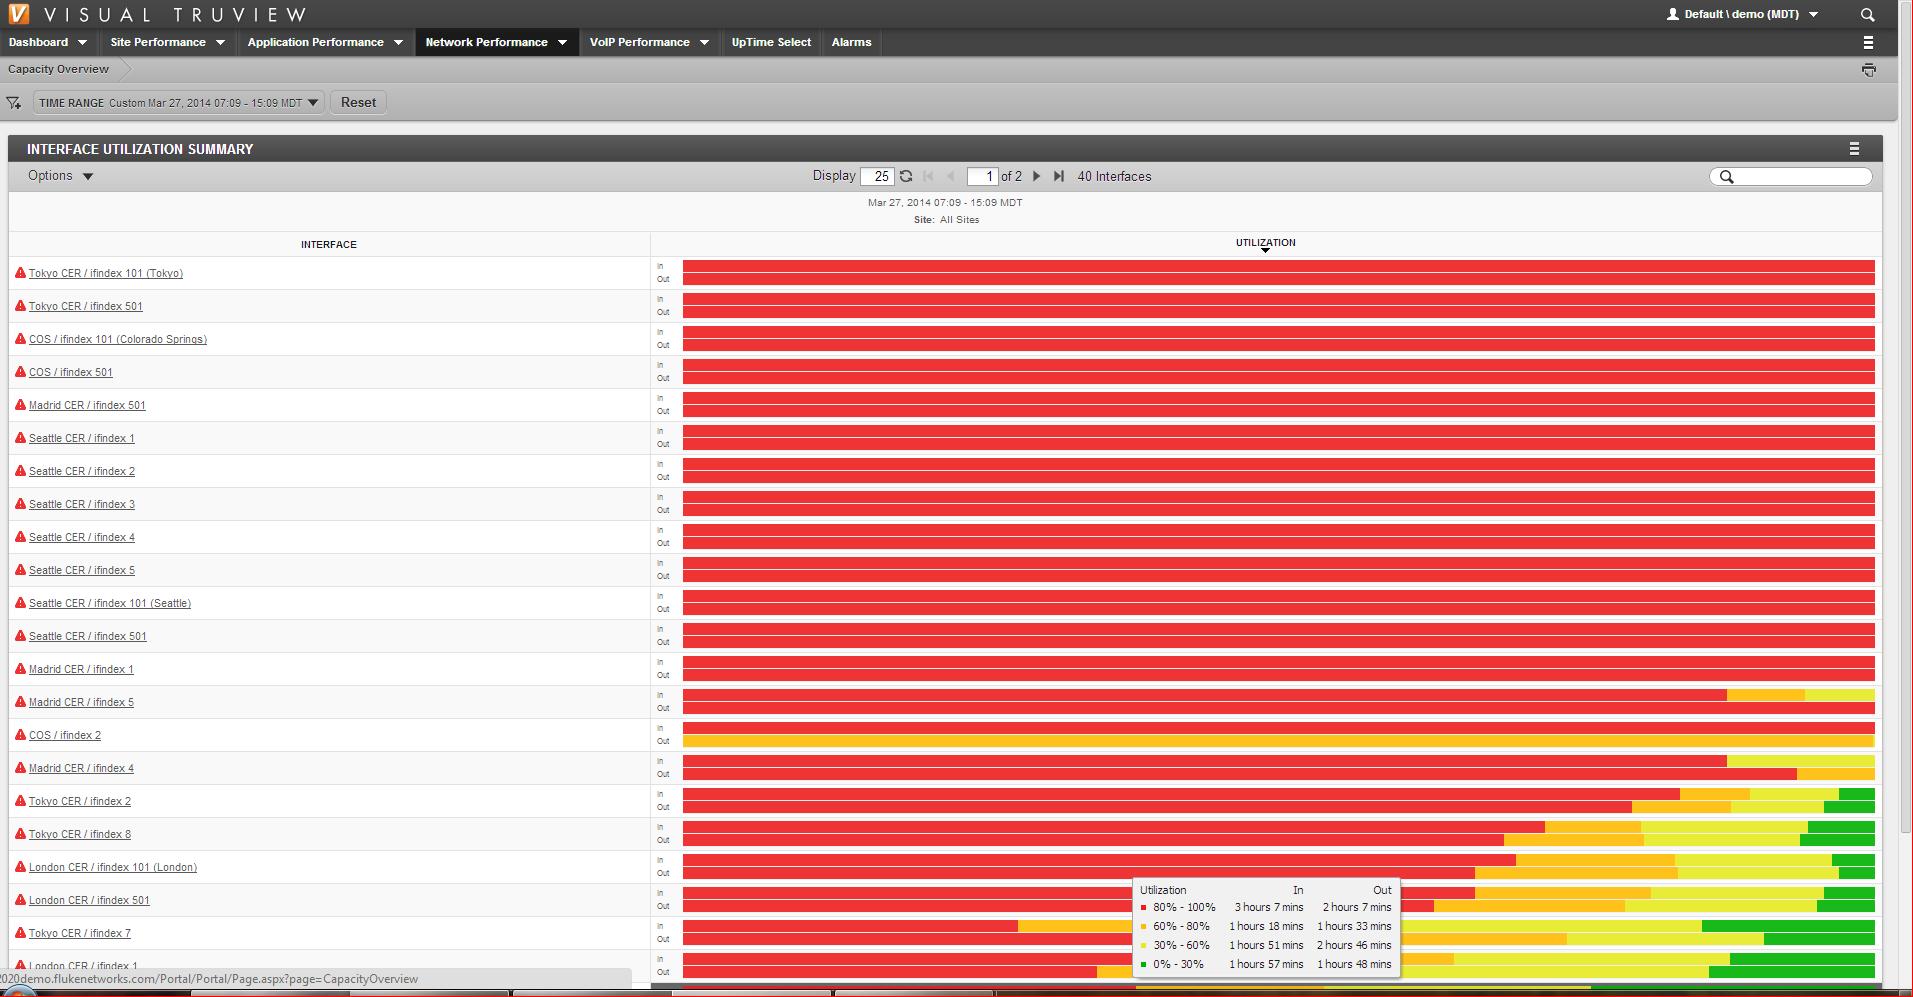 Fluke TruView 9.0 Network Utilization